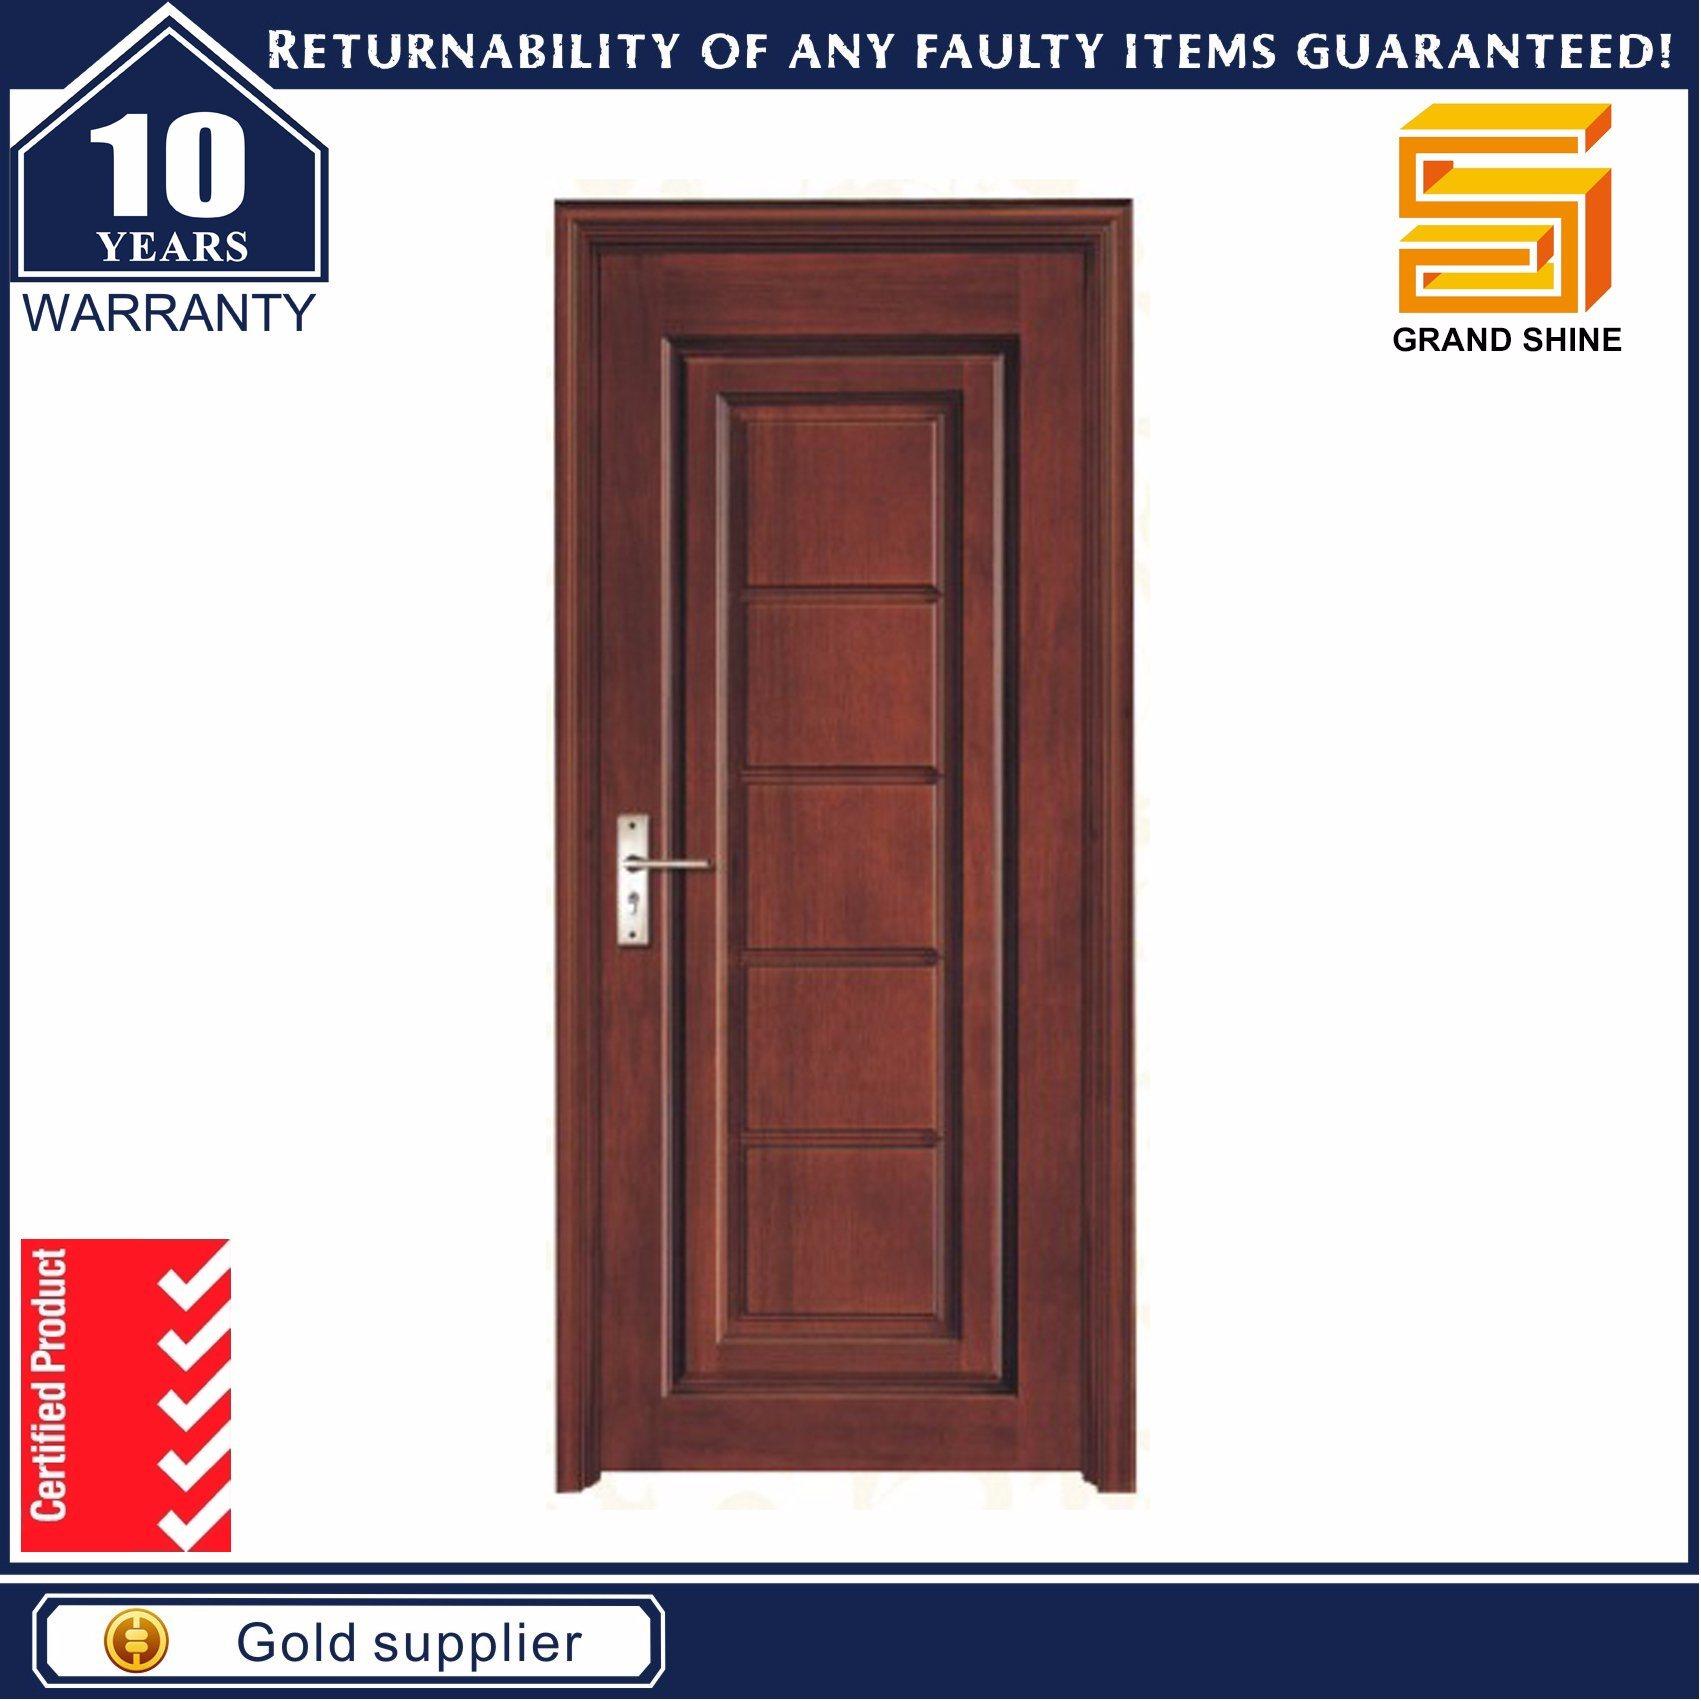 residential panel wood brant new get garage your update door interior doors design modern home flush to